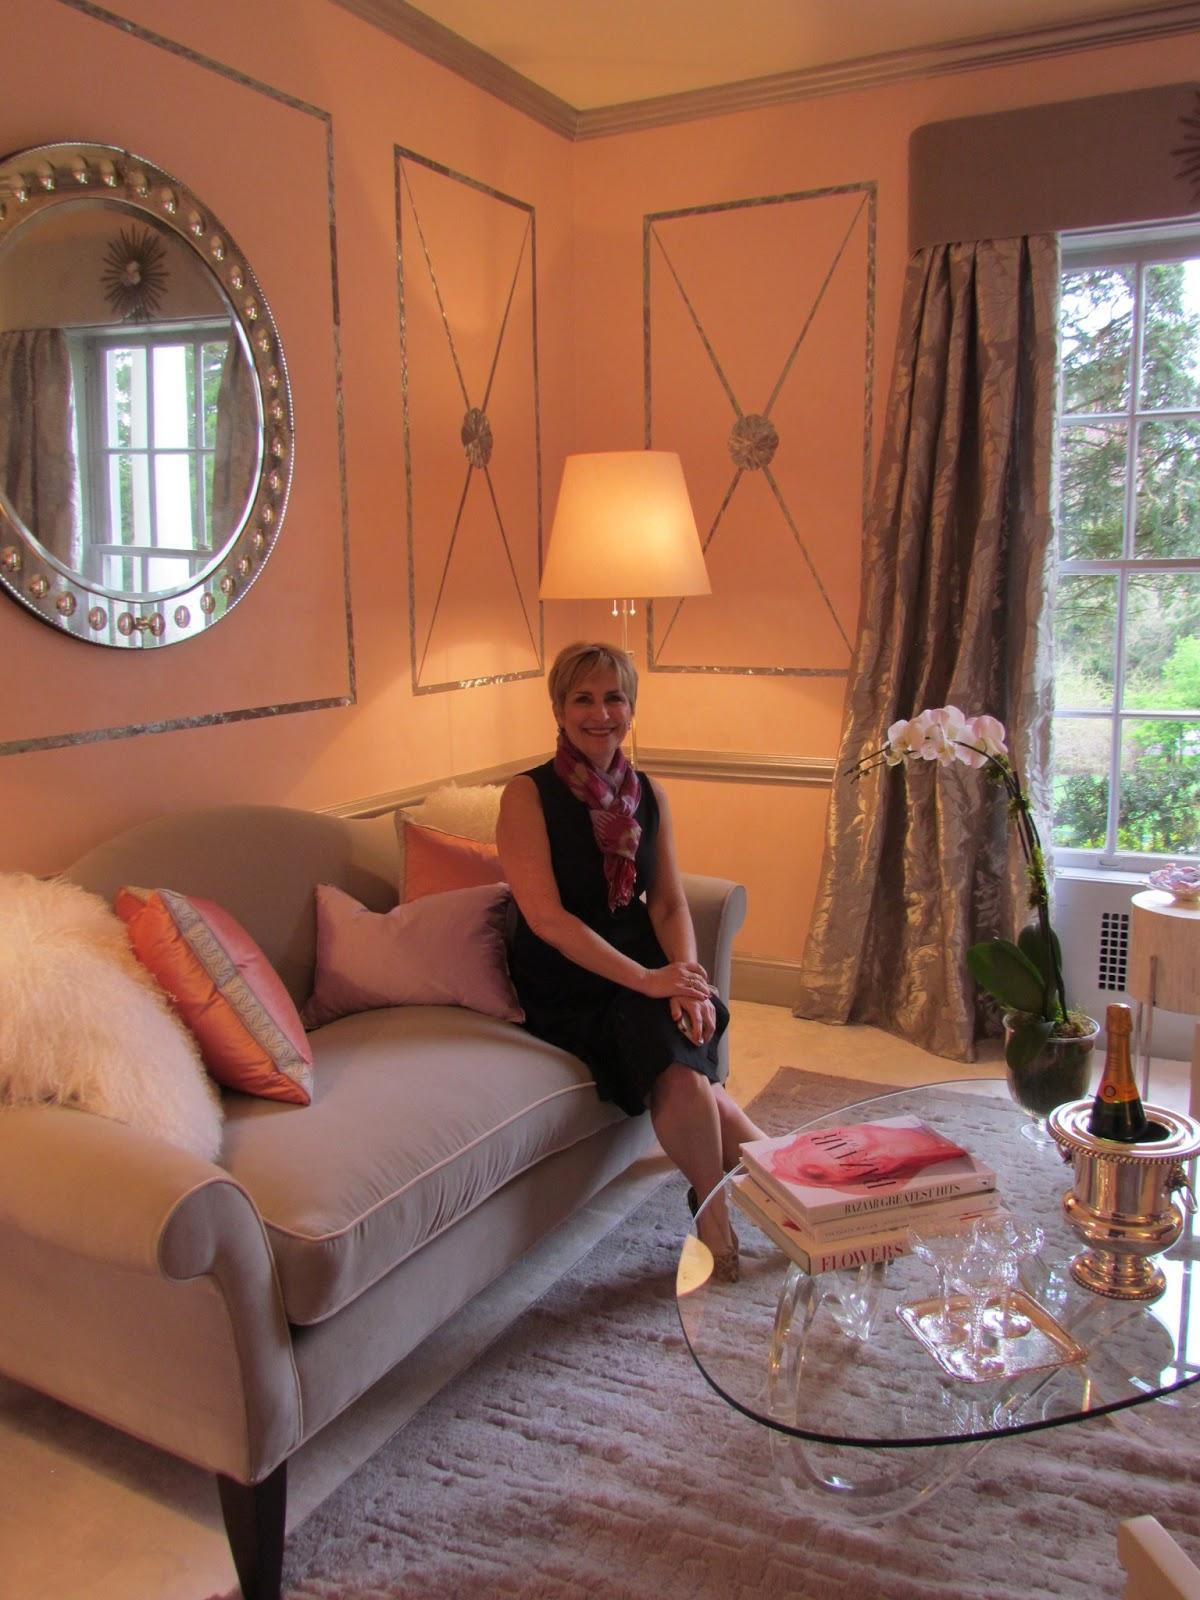 dec a porter imagination home the designer showhouse of westchester part 1. Black Bedroom Furniture Sets. Home Design Ideas